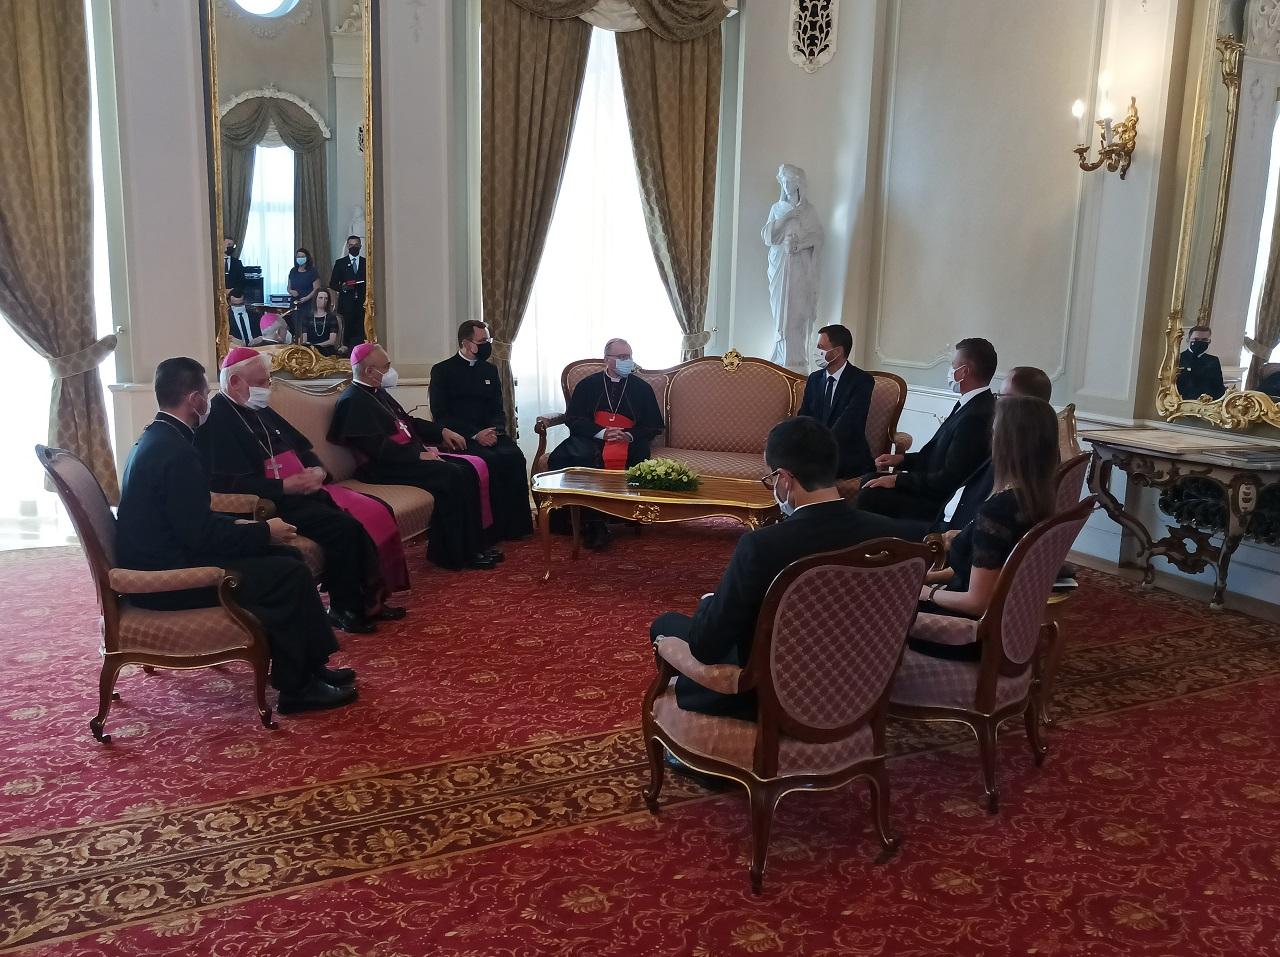 Pápež v SR: Premiér E. Heger sa stretol so štátnym sekretárom Svätej stol